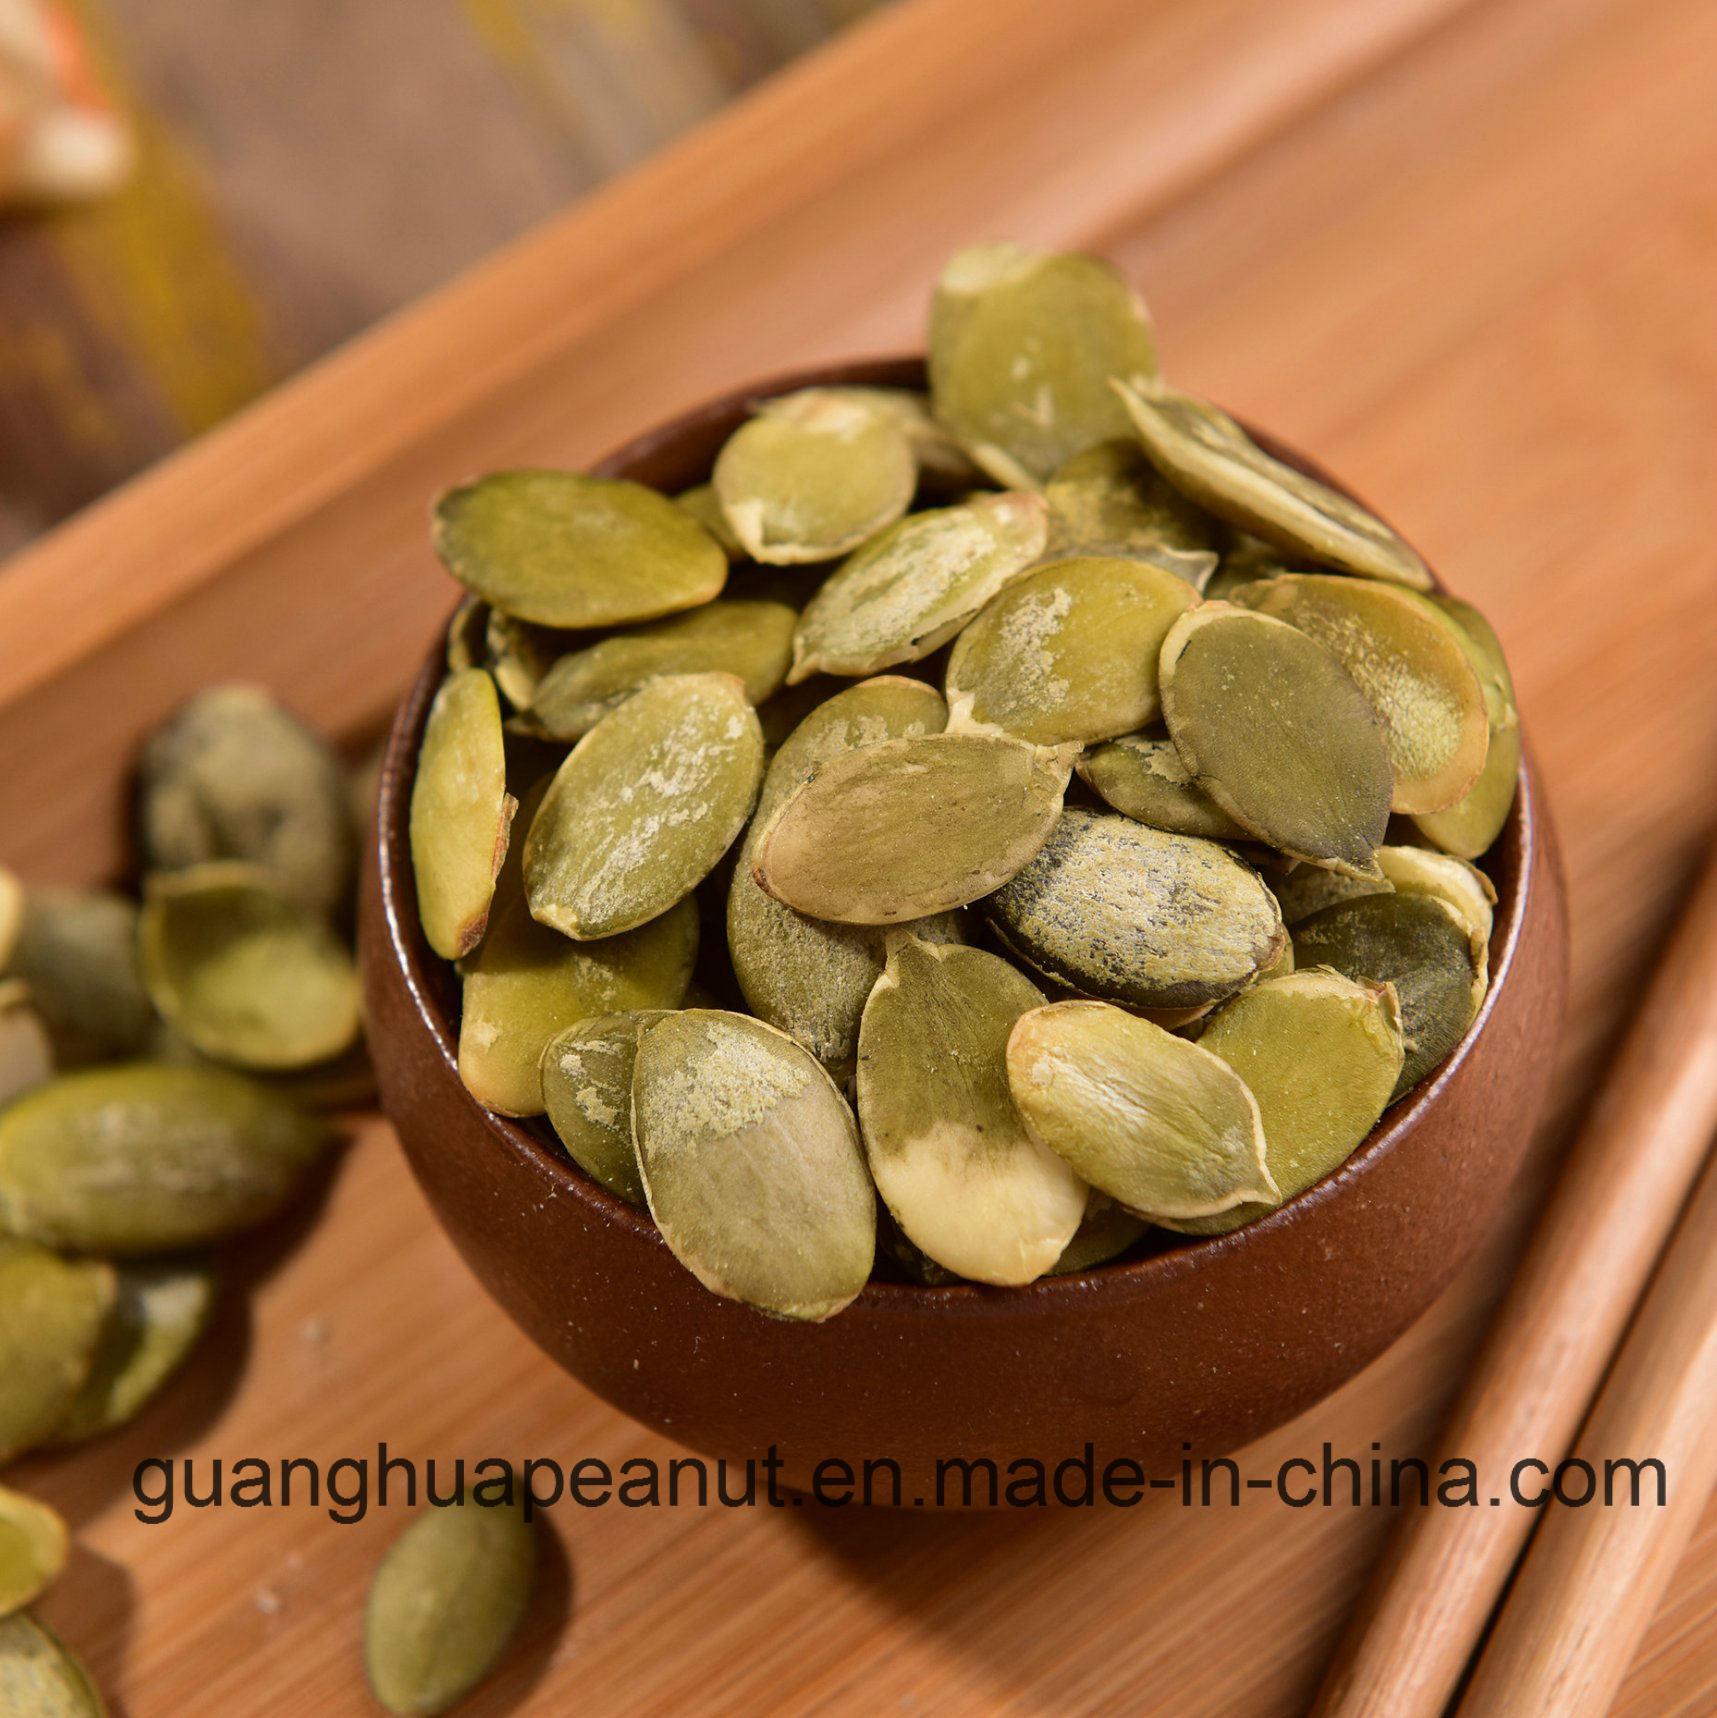 New Crop Snow White Pumpkin Seeds From Shandong Guanghua